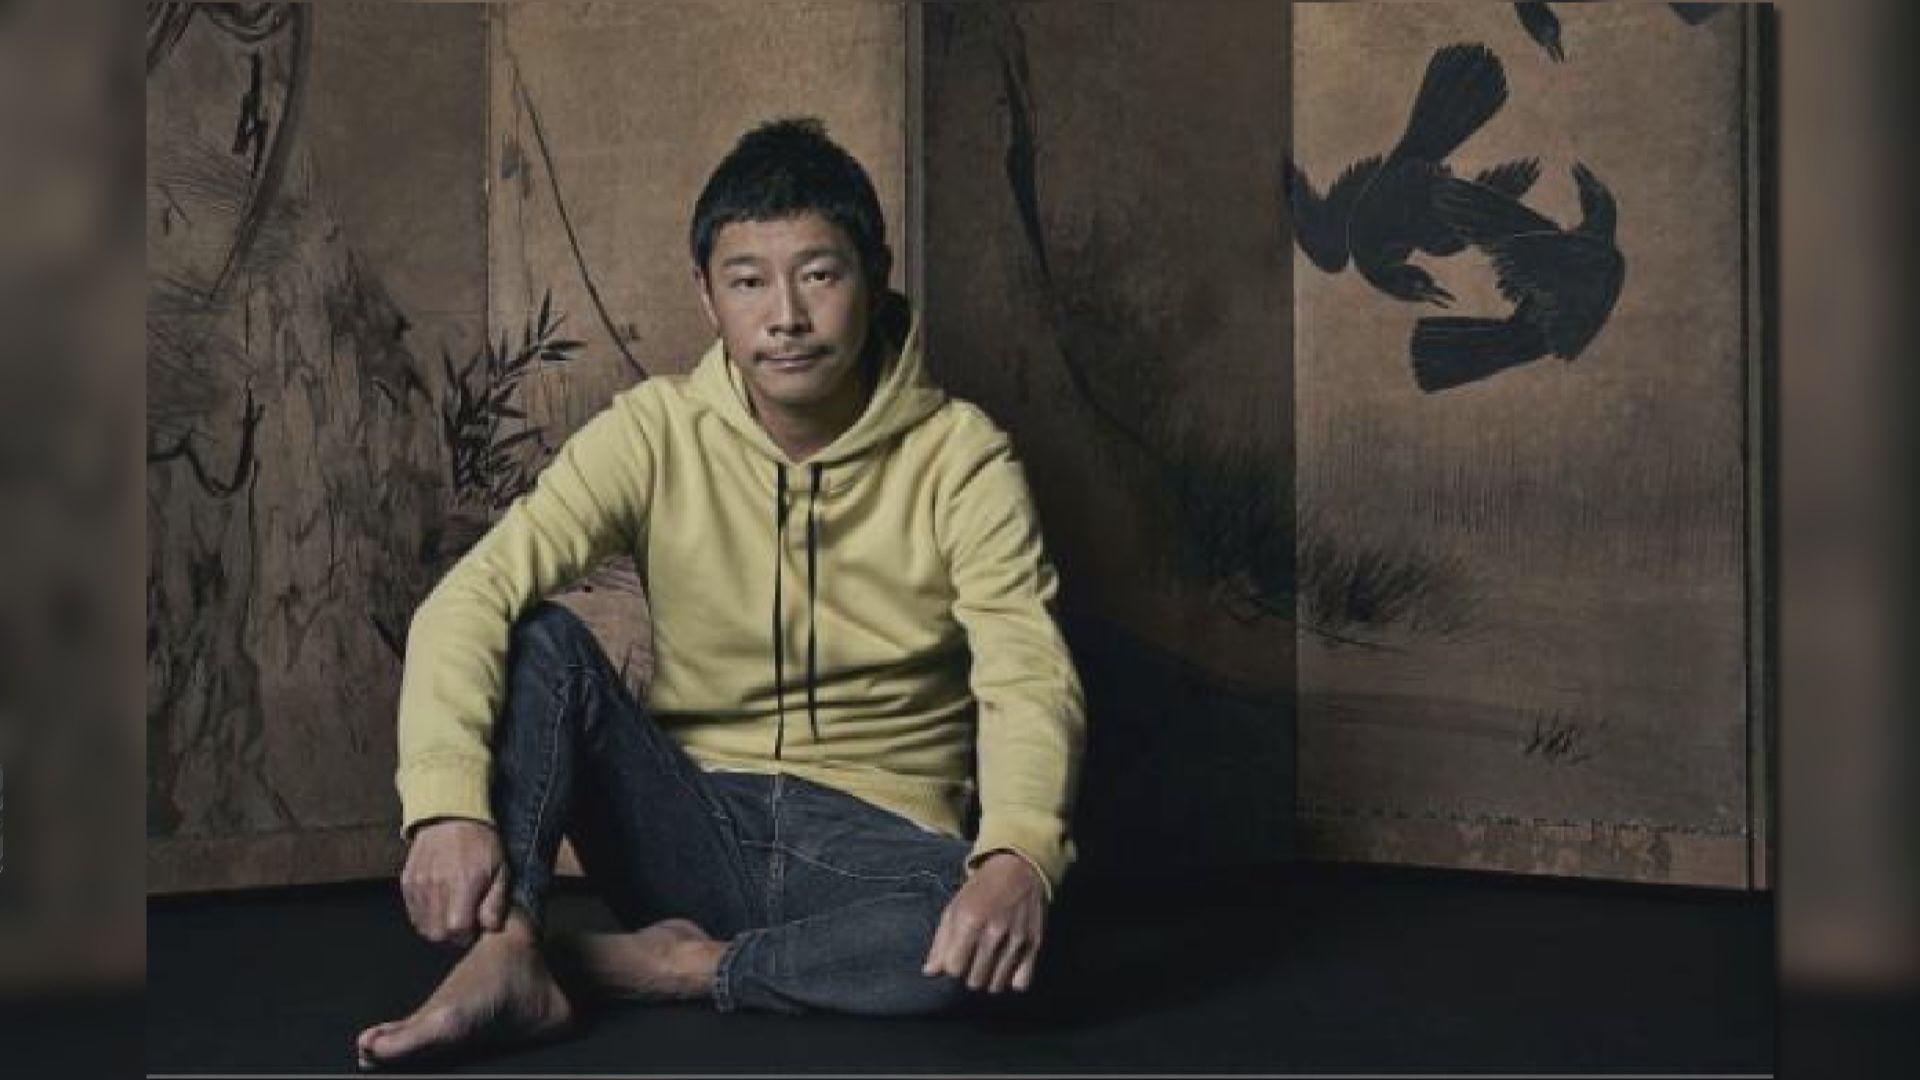 【環球薈報】日本富豪設基金支援受疫情影響單親家庭